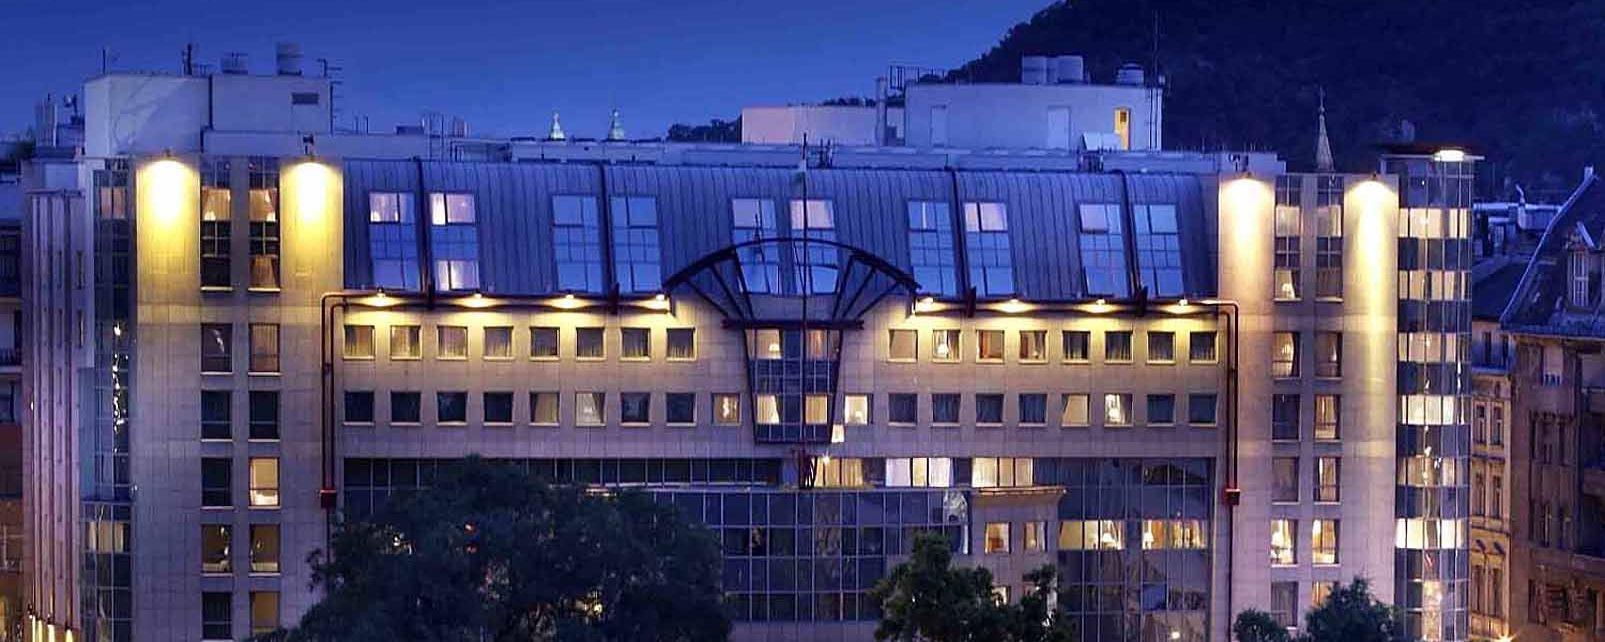 Hotel kempinski corvinus budapest in budapest hungary for Hotel budapest